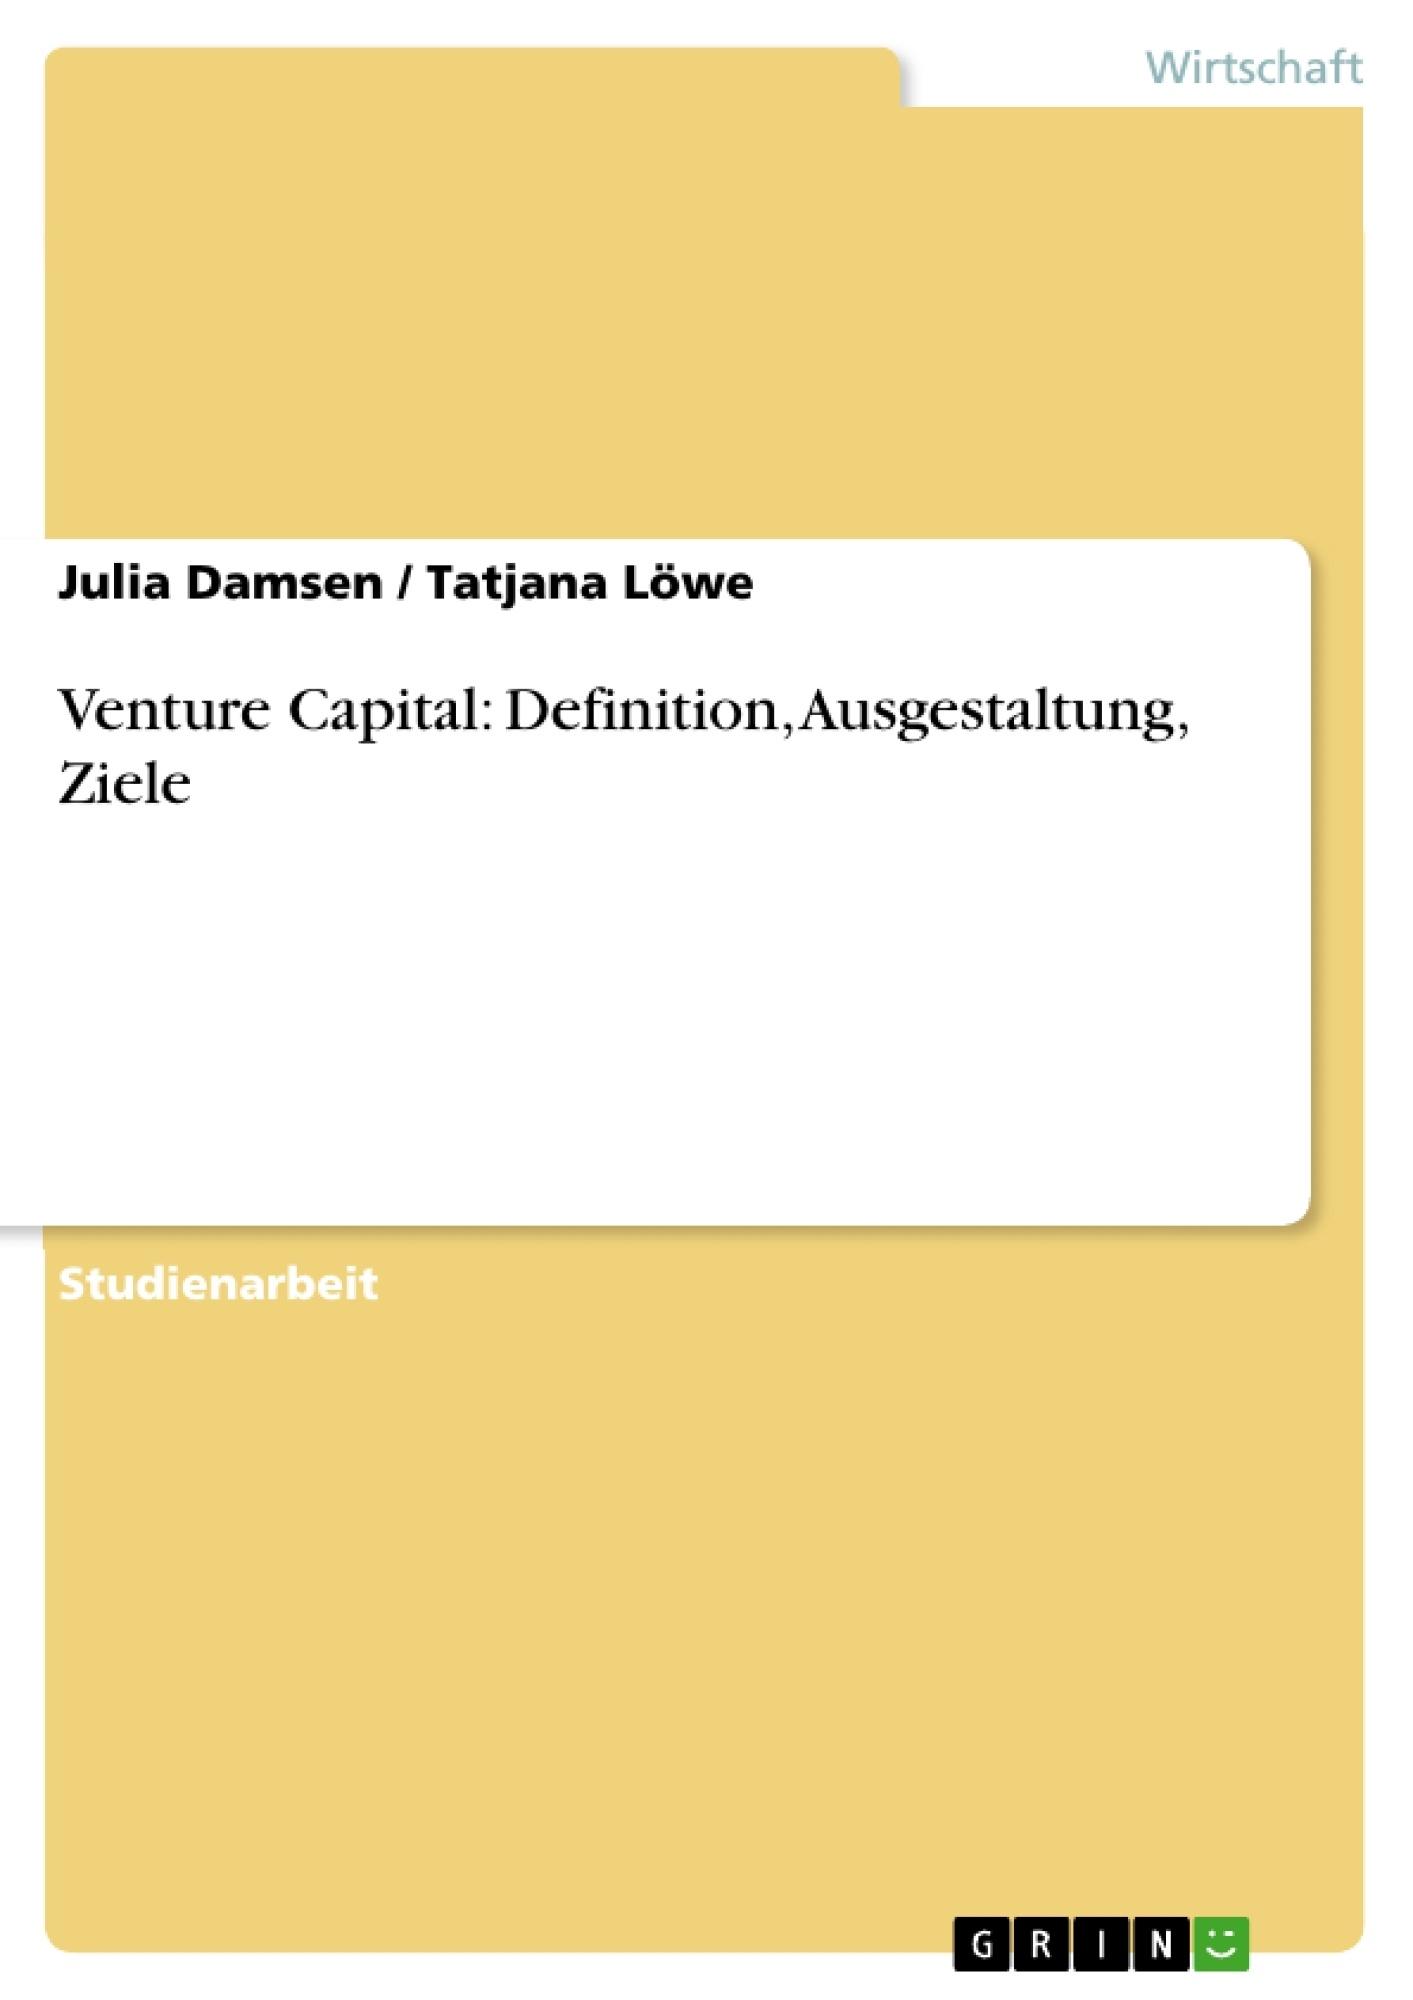 Titel: Venture Capital: Definition, Ausgestaltung, Ziele